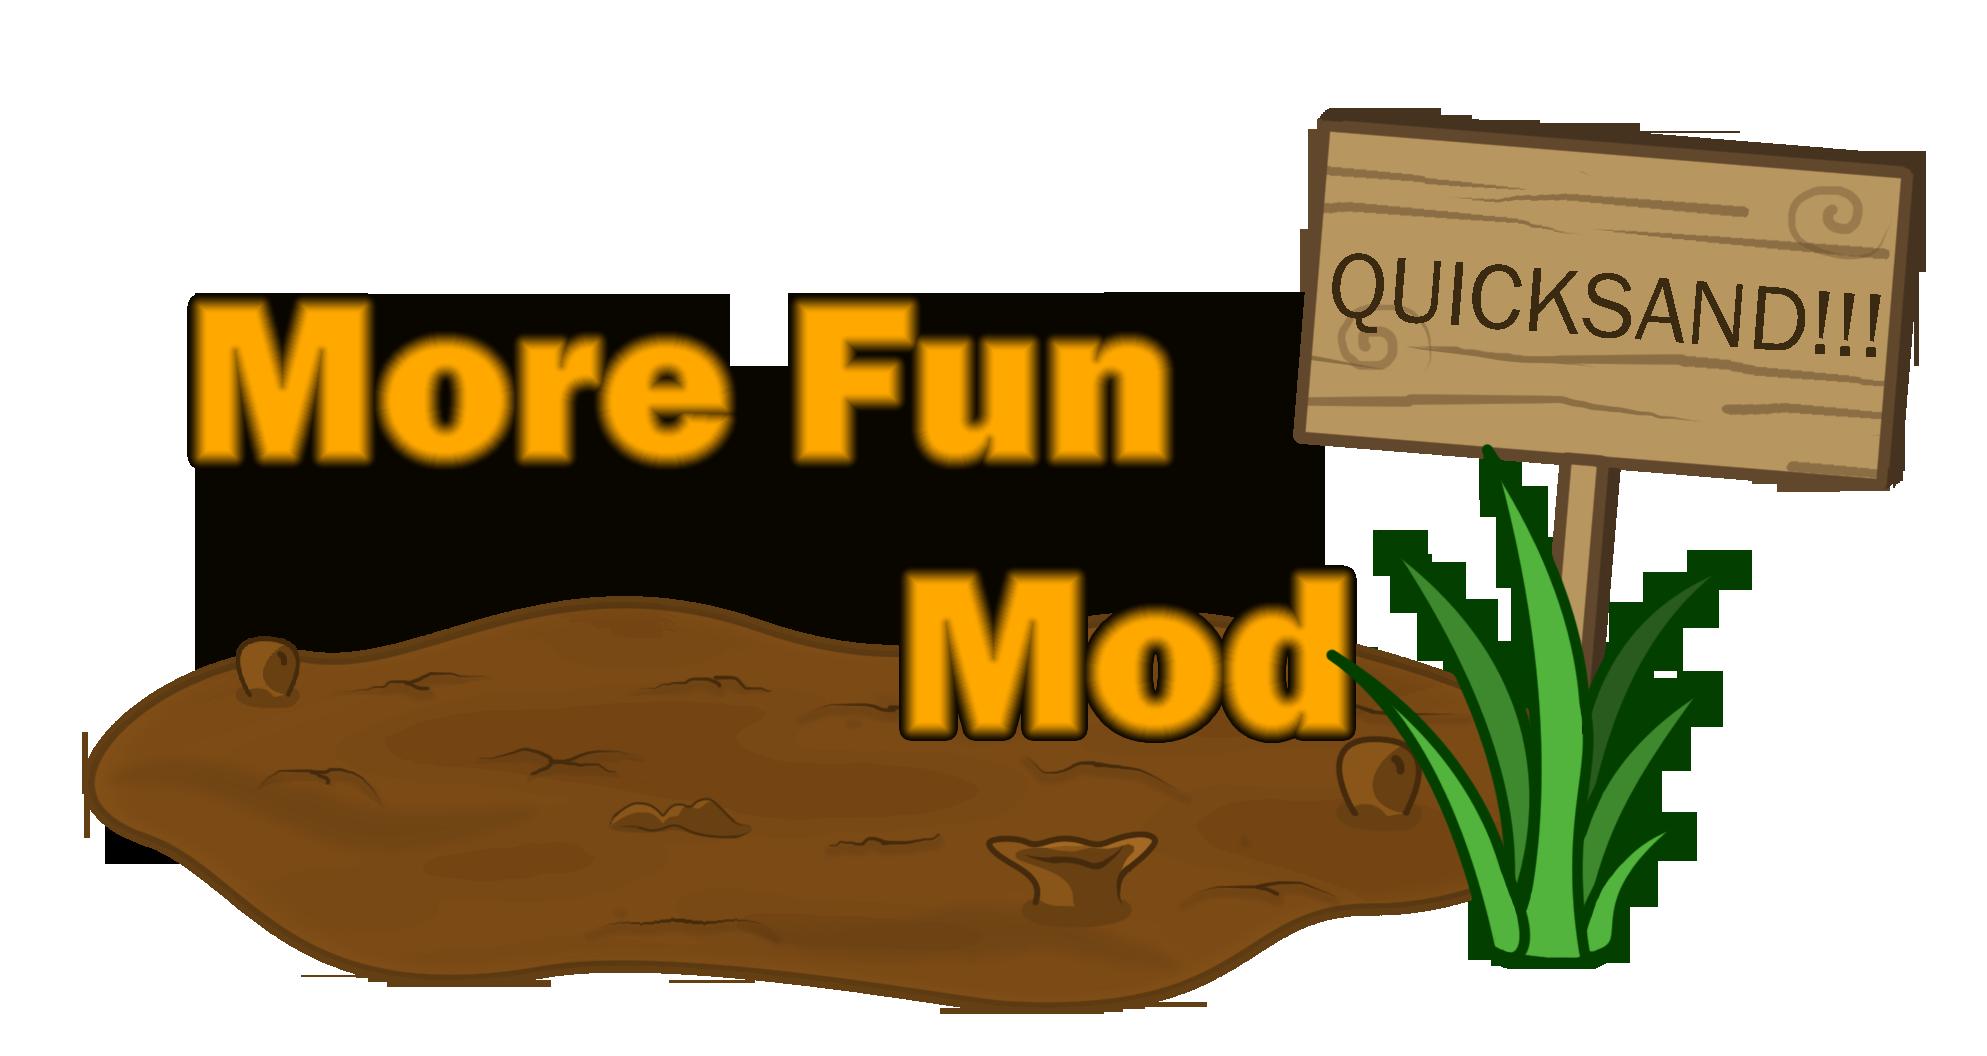 Land clipart carpet grass.  more fun quicksand